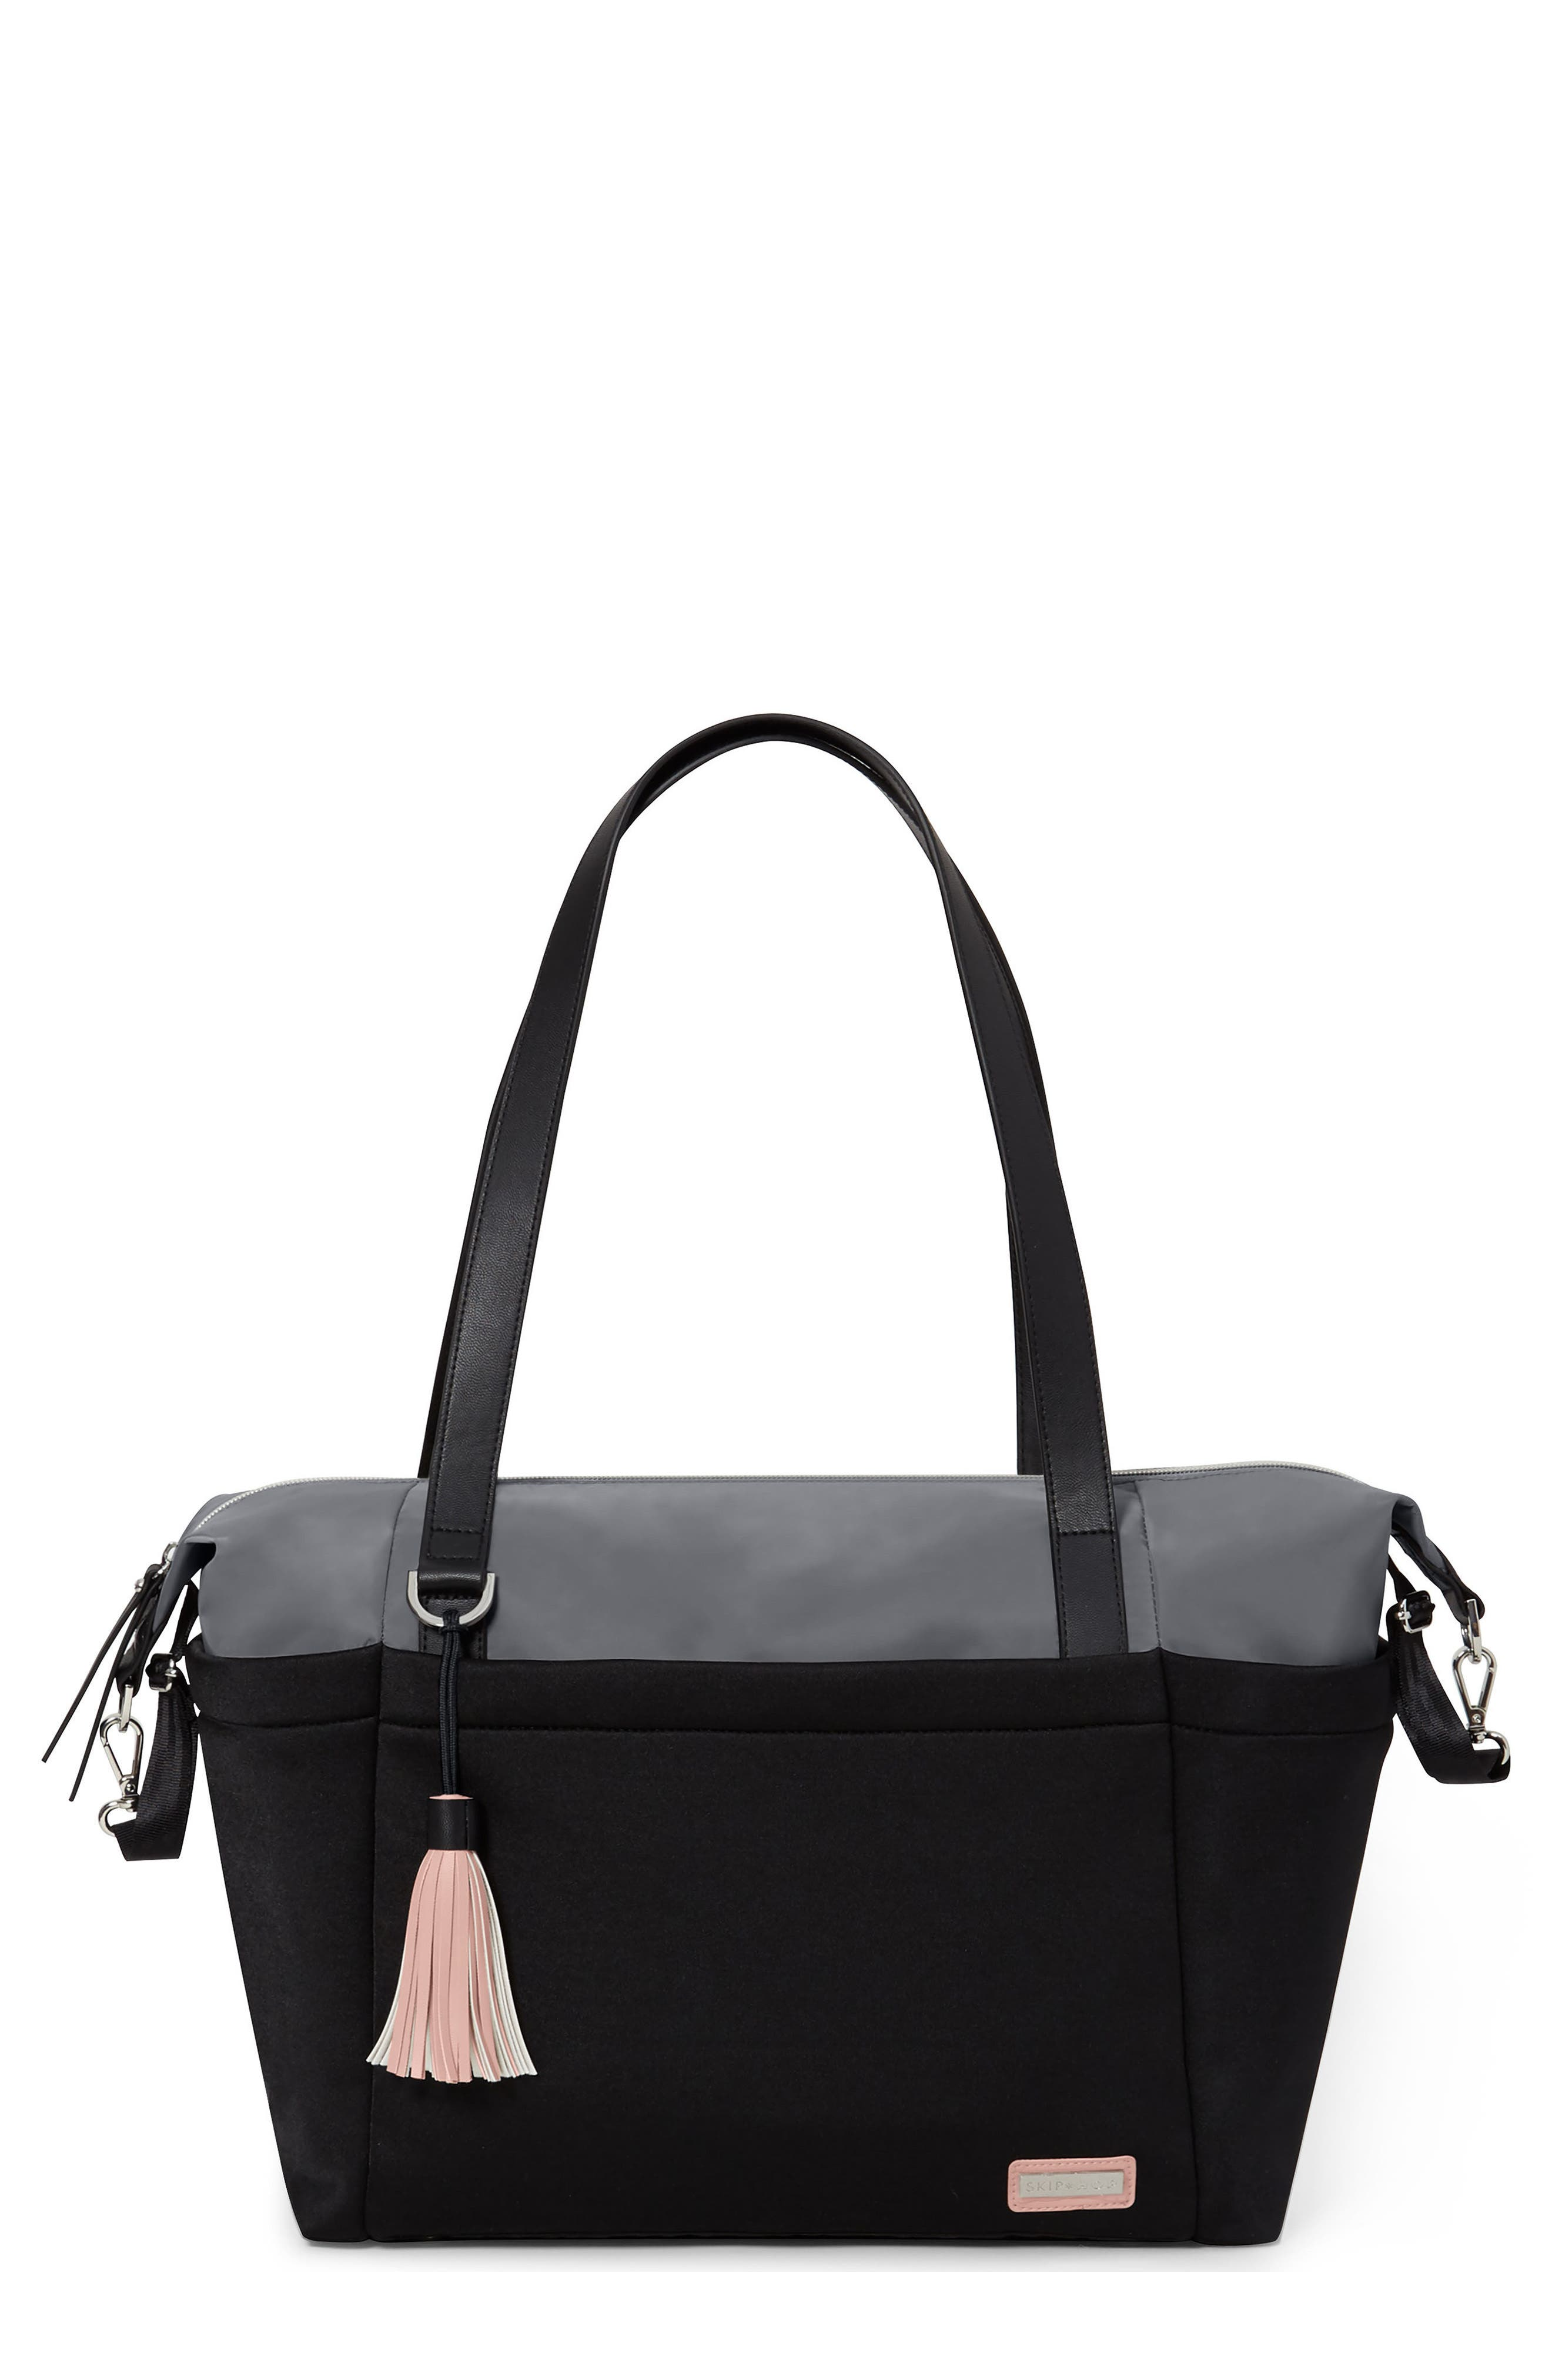 Nolita Diaper Bag,                             Main thumbnail 1, color,                             008